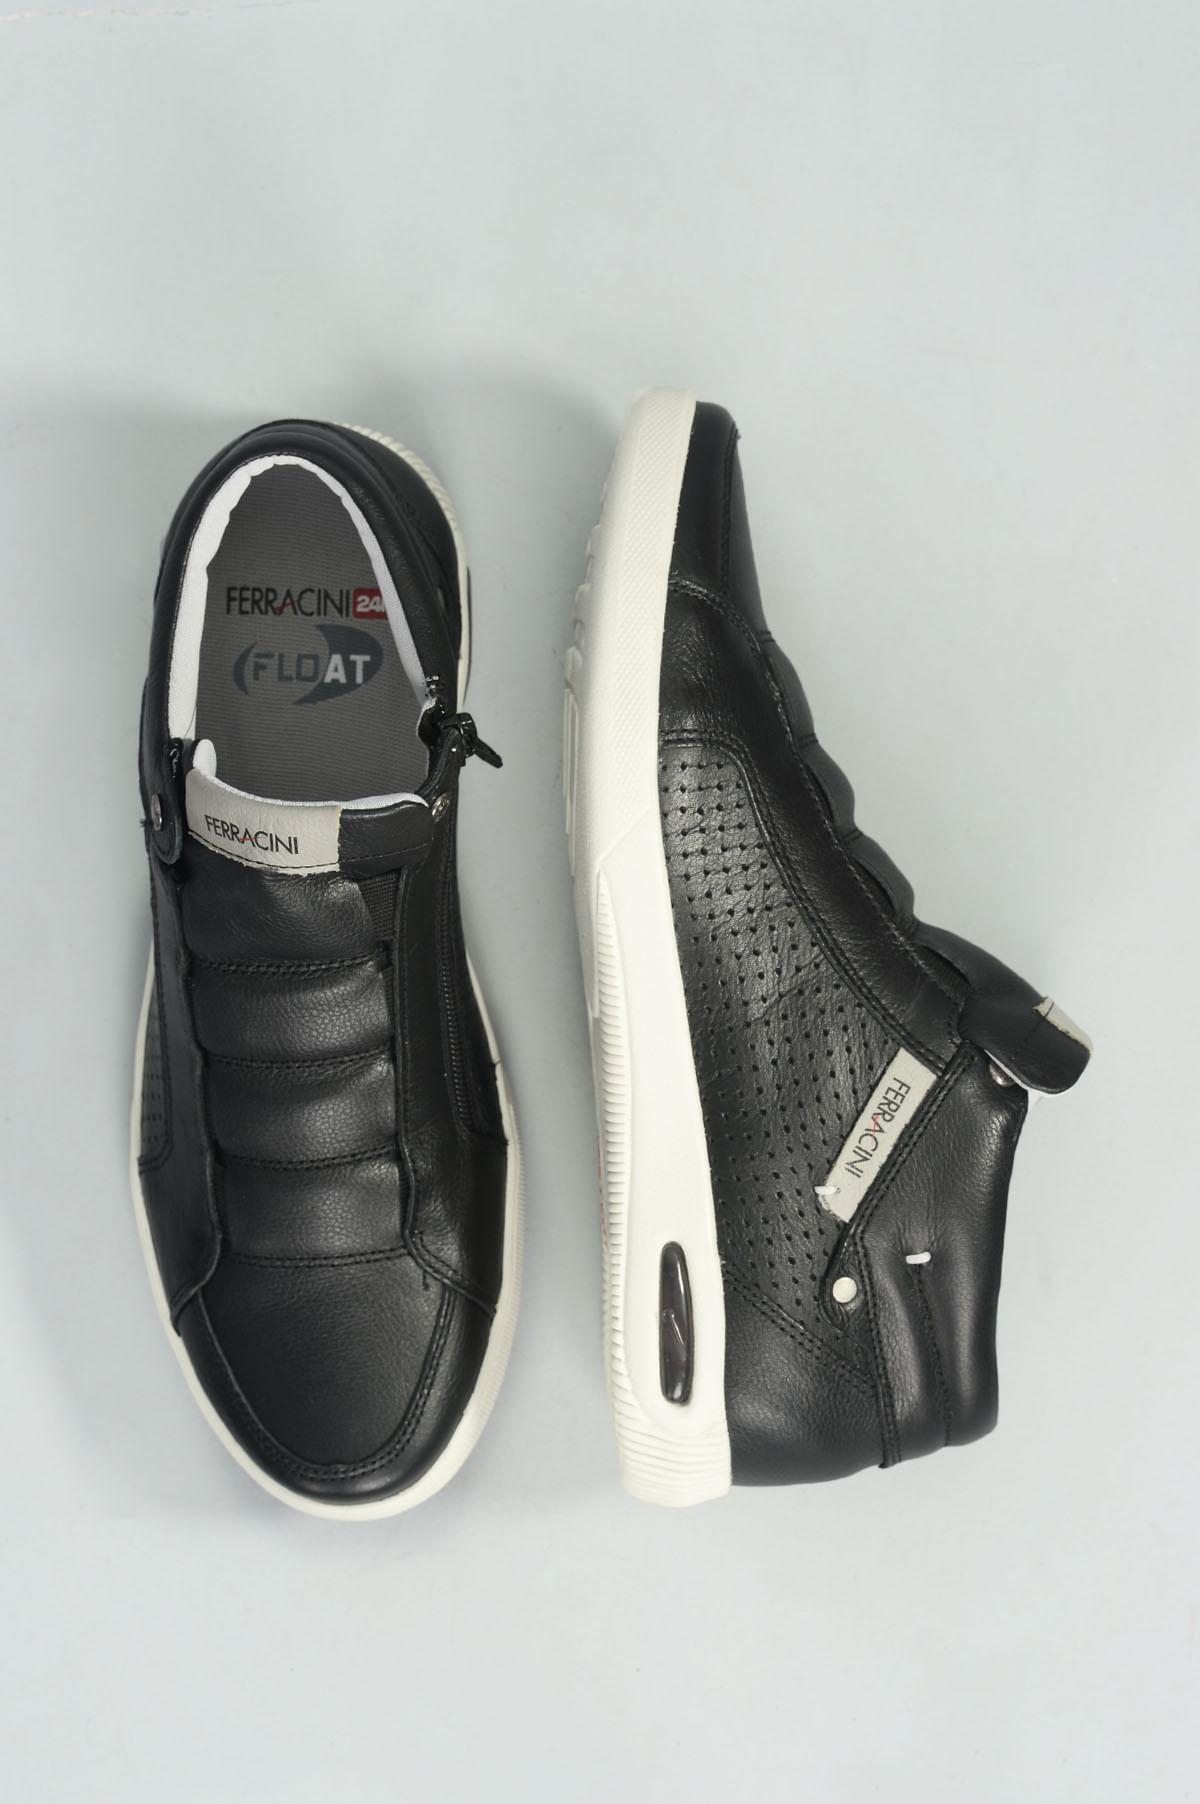 7a0b10965 Sapatênis Masculino Ferracini Blady CR-PRETO - Mundial Calçados